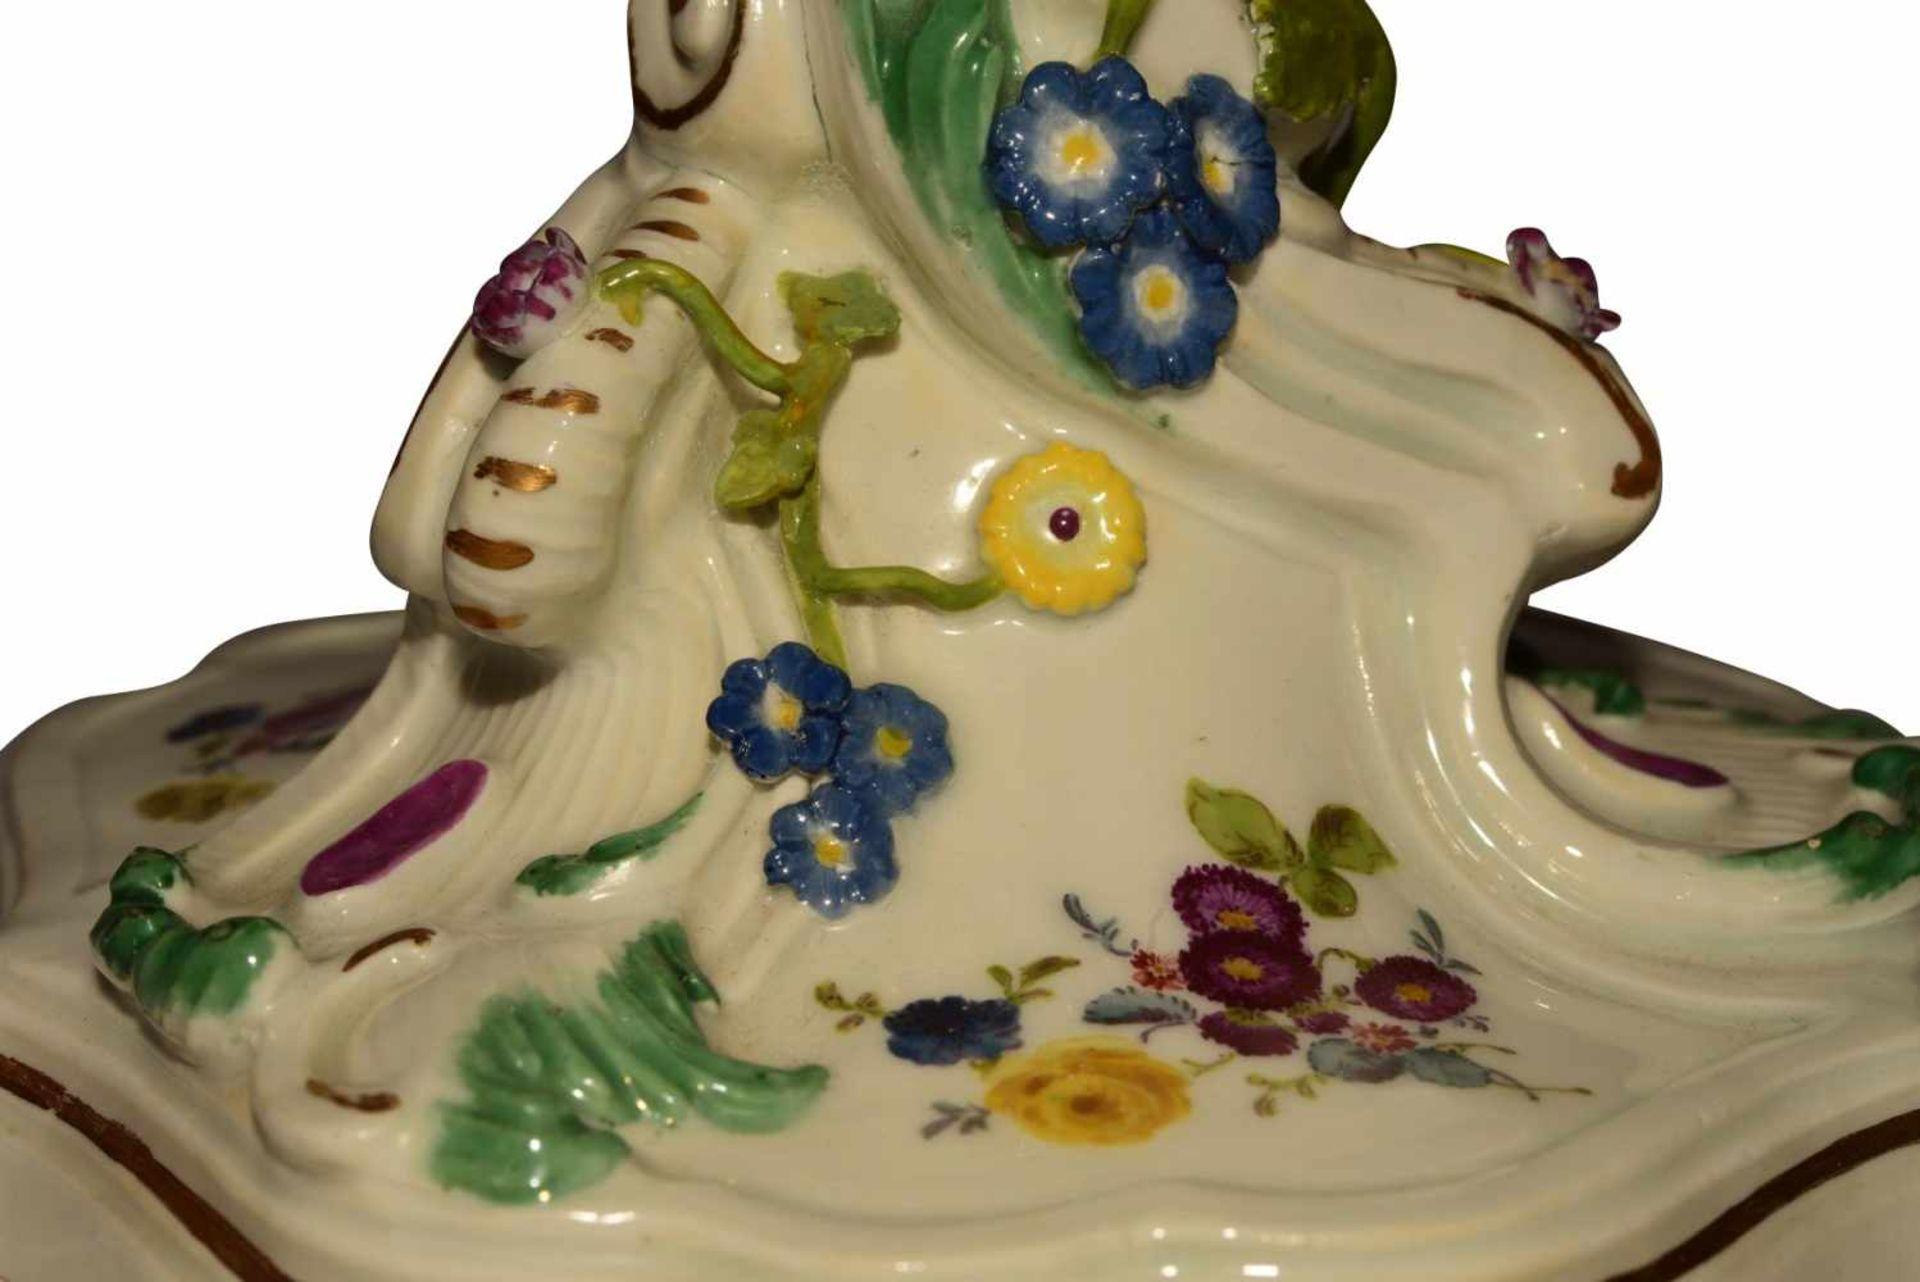 Kerzenstock Meissen 1765 - Bild 5 aus 6